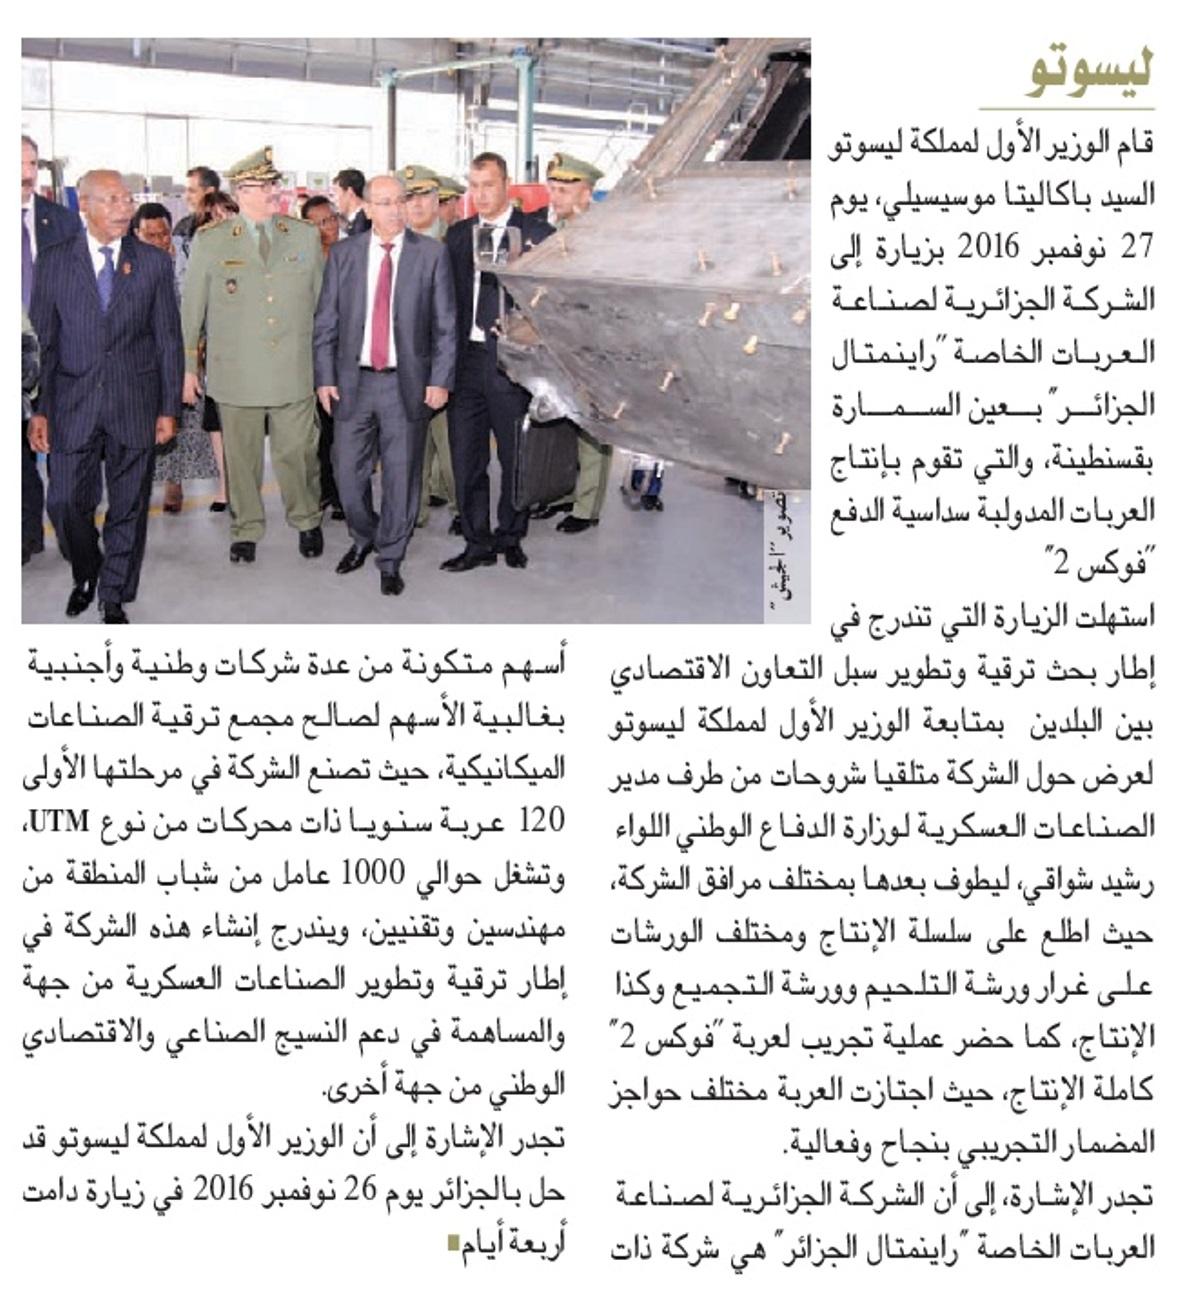 الصناعة العسكرية الجزائرية ... مدرعات ( فوكس 2 ) - صفحة 6 31322521294_f692f27b6f_o